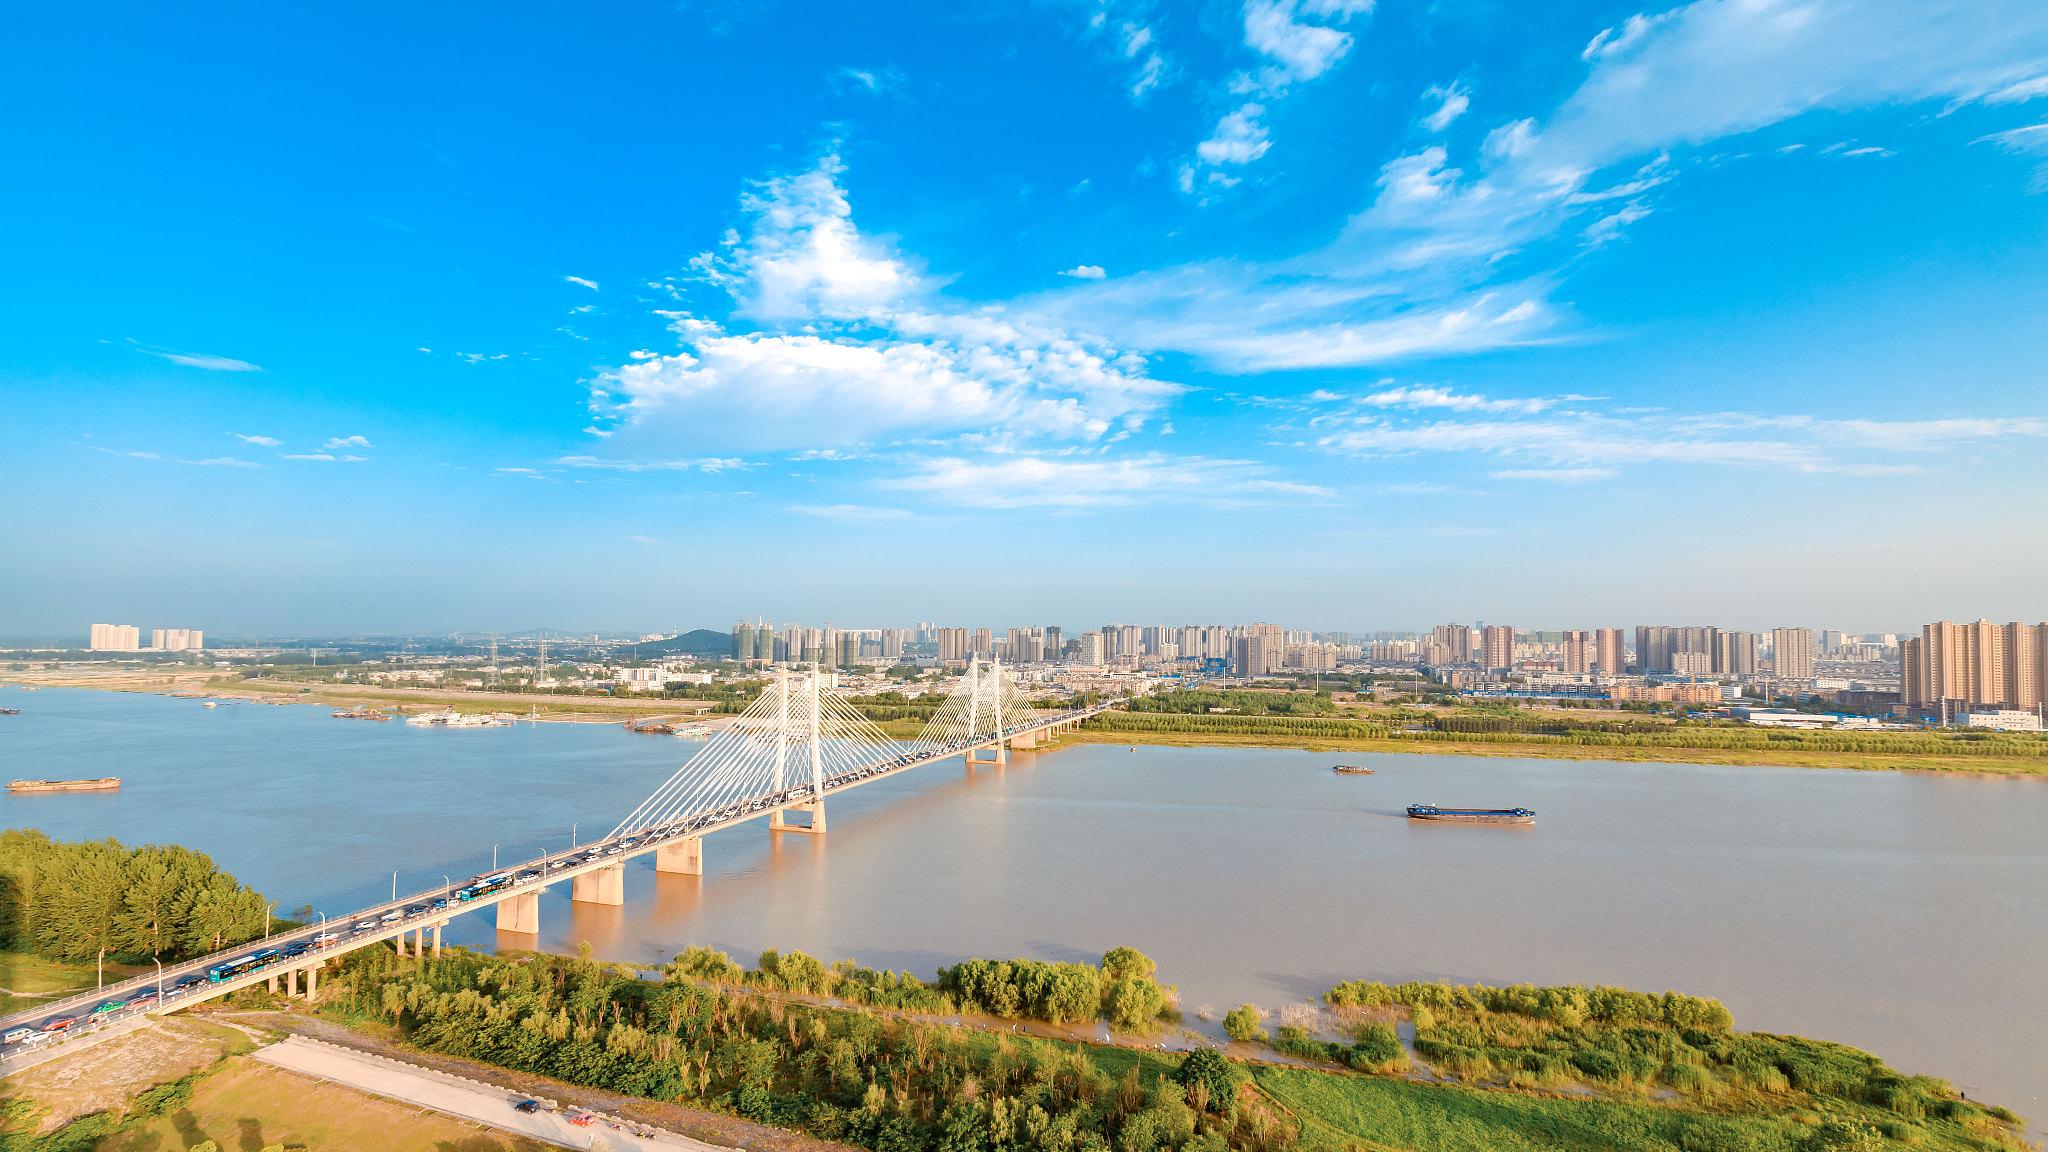 蚌埠市位于安徽省東北部,淮河中游,京滬,淮南鐵路交點,是皖北地區